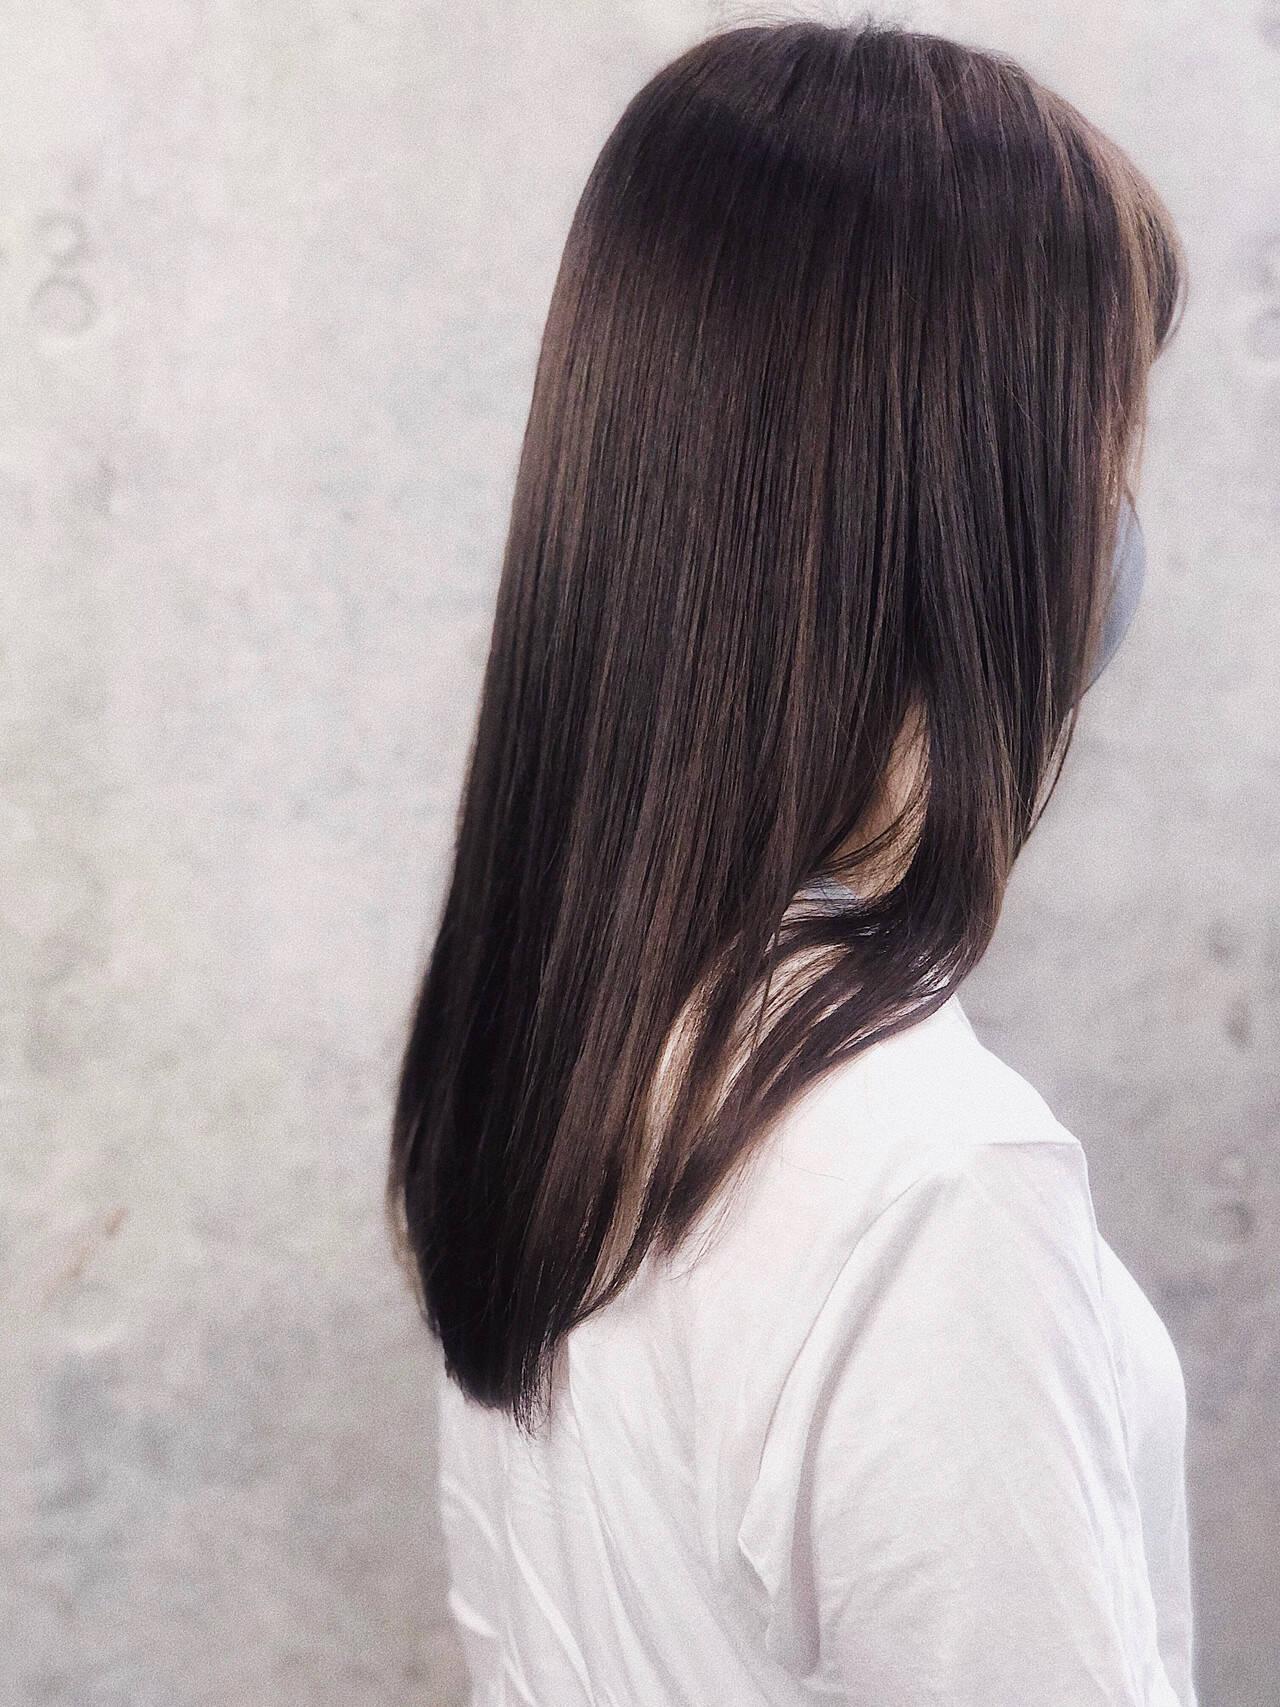 ナチュラル アンニュイほつれヘア レイヤーカット ロングヘアスタイルや髪型の写真・画像